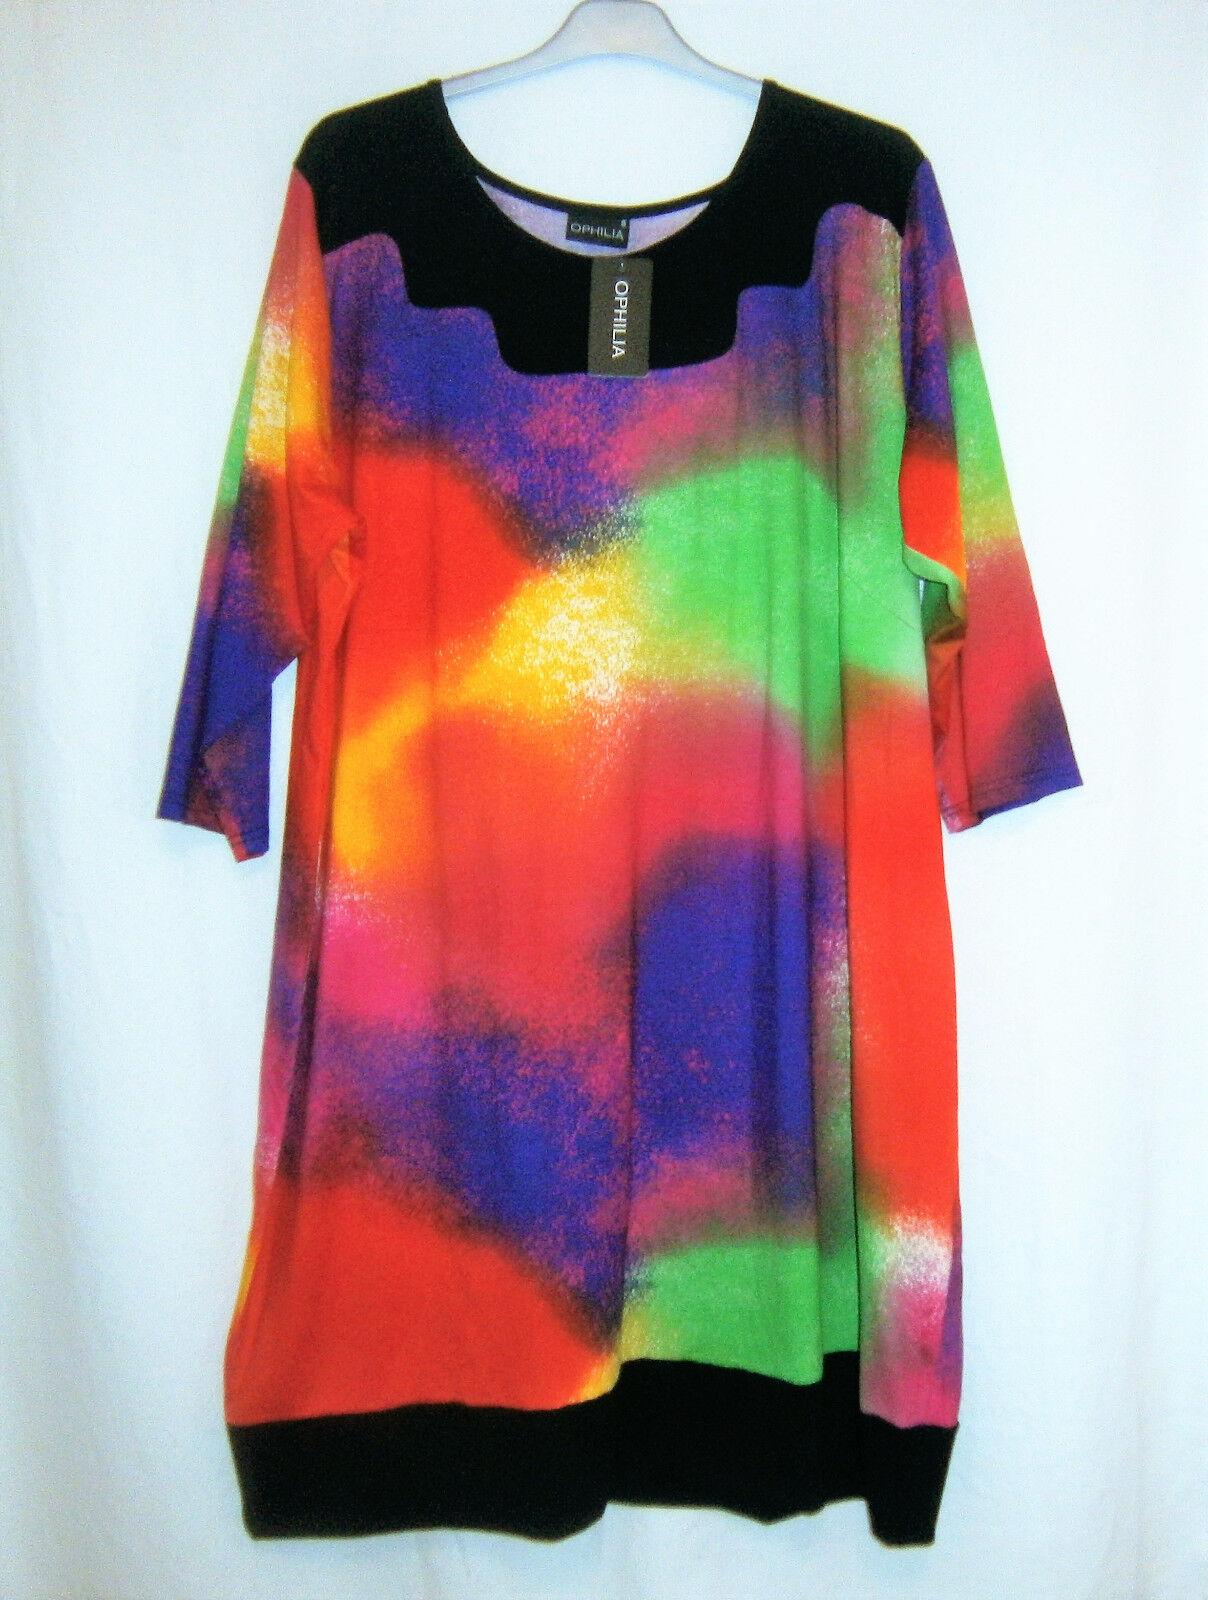 OPHILIA  elegantes Kleid Tunika 3 4 Arm mehrfarbig Gr. 52 54 anstatt